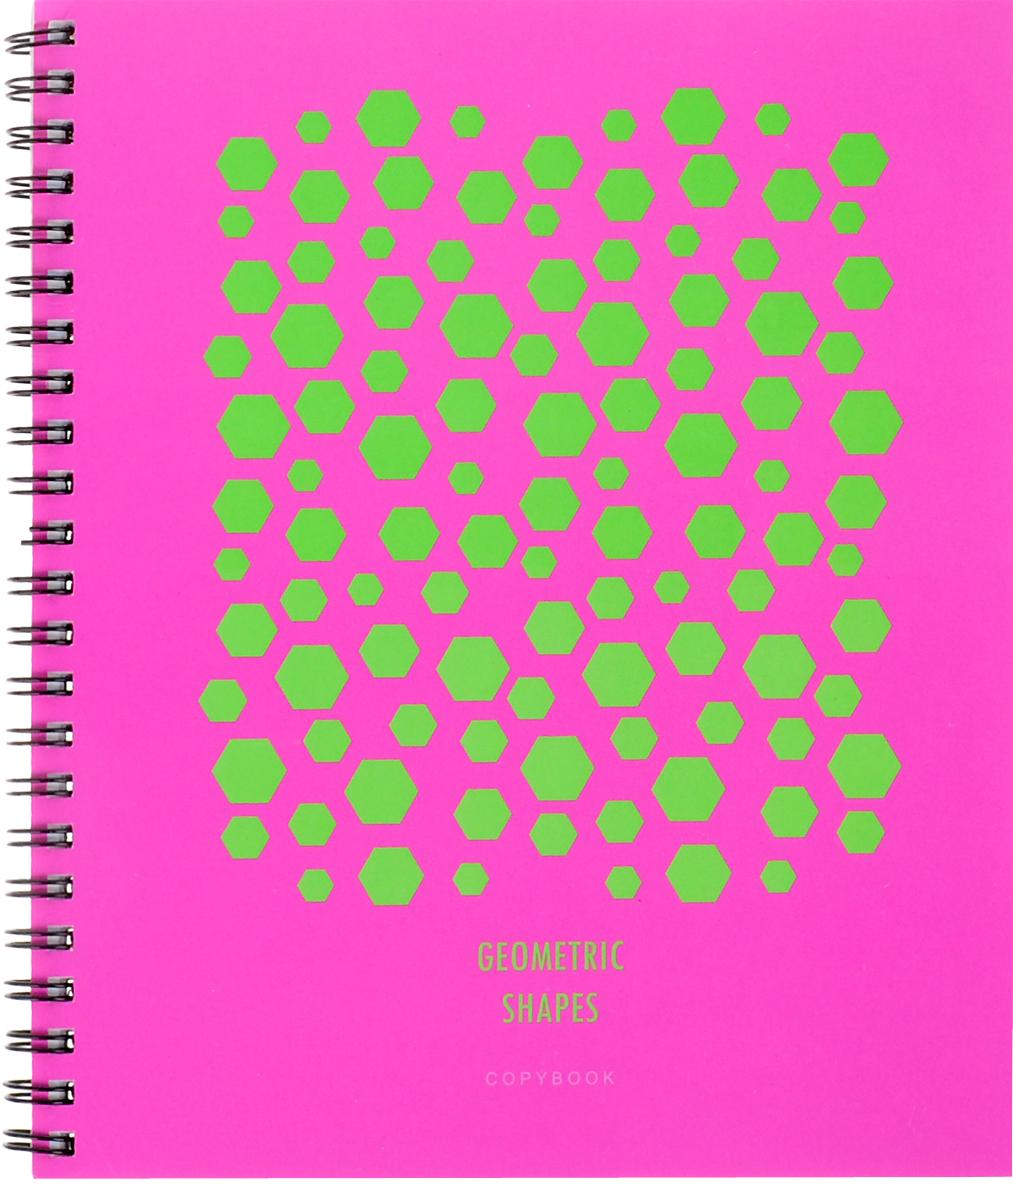 Канц-Эксмо Тетрадь Насыщенные цвета цвет розовый салатовый 96 листов в клеткуТСЛ965230_розовый с салатовымТетрадь общая Канц-Эксмо Насыщенные цвета формат А5, 96 листов в клетку. Крепление - гребень. Обложка: мелованный картон, пантонная печать, выборочный лак. Внутренний блок: бумага офсетная 60 г/м2.